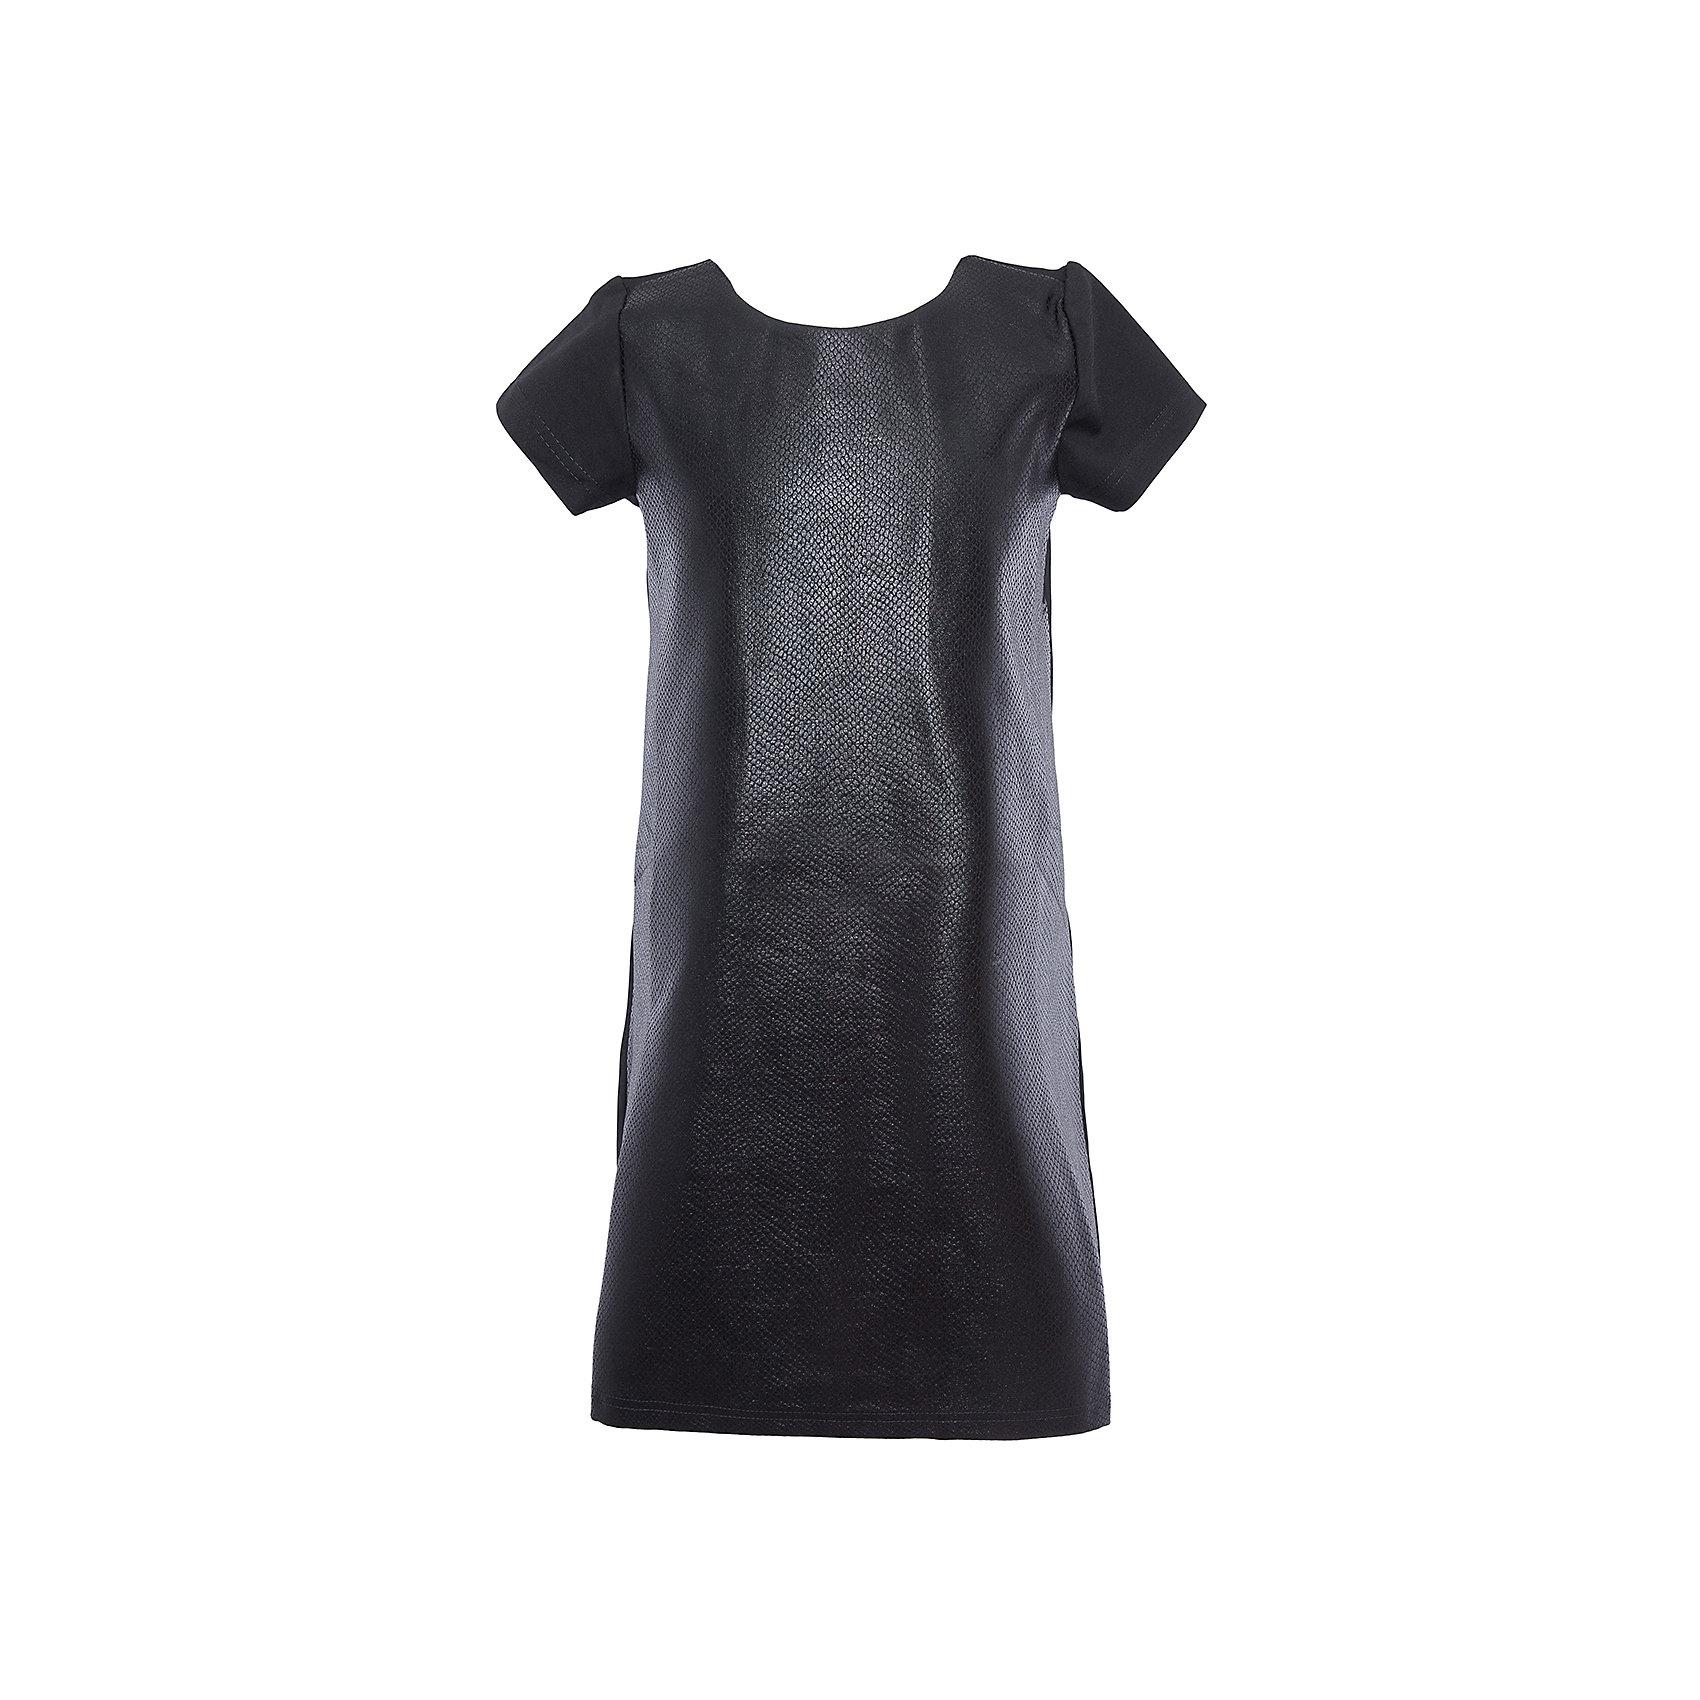 Нарядное платье для девочки ScoolХарактеристики:<br><br>• Вид одежды: праздничное платье, повседневное платье<br>• Сезон: круглый год<br>• Материал: 70% вискоза, 25% полиэстер, 5% эластан<br>• Цвет: черный<br>• Силуэт: прямой<br>• Длина платья: миди<br>• Рукав: короткий, приспущенный<br>• Вырез горловины: круглый<br>• Застежка: молния<br>• Особенности ухода: ручная стирка без применения отбеливающих средств, глажение при низкой температуре <br><br>Стильное платье для девочки Scool может быть предназначено как для школьных будней, так и для праздничных дней, если к нему добавить яркие и стильные аксессуары. Оно выполнено в классическом прямом силуэте, средней длины, имеет круглую горловину и слегка приспущенный рукав. Особенность платья заключается в фактуре ткани, из которой оно изготовлено: имитация змеиной кожи. Платье для девочки Scool, – это стиль, качество и элегантность!<br><br>Платье для девочки Scool, можно купить в нашем интернет-магазине.<br><br>Ширина мм: 236<br>Глубина мм: 16<br>Высота мм: 184<br>Вес г: 177<br>Цвет: черный<br>Возраст от месяцев: 96<br>Возраст до месяцев: 108<br>Пол: Женский<br>Возраст: Детский<br>Размер: 134,164,152,158,146,140<br>SKU: 5078510